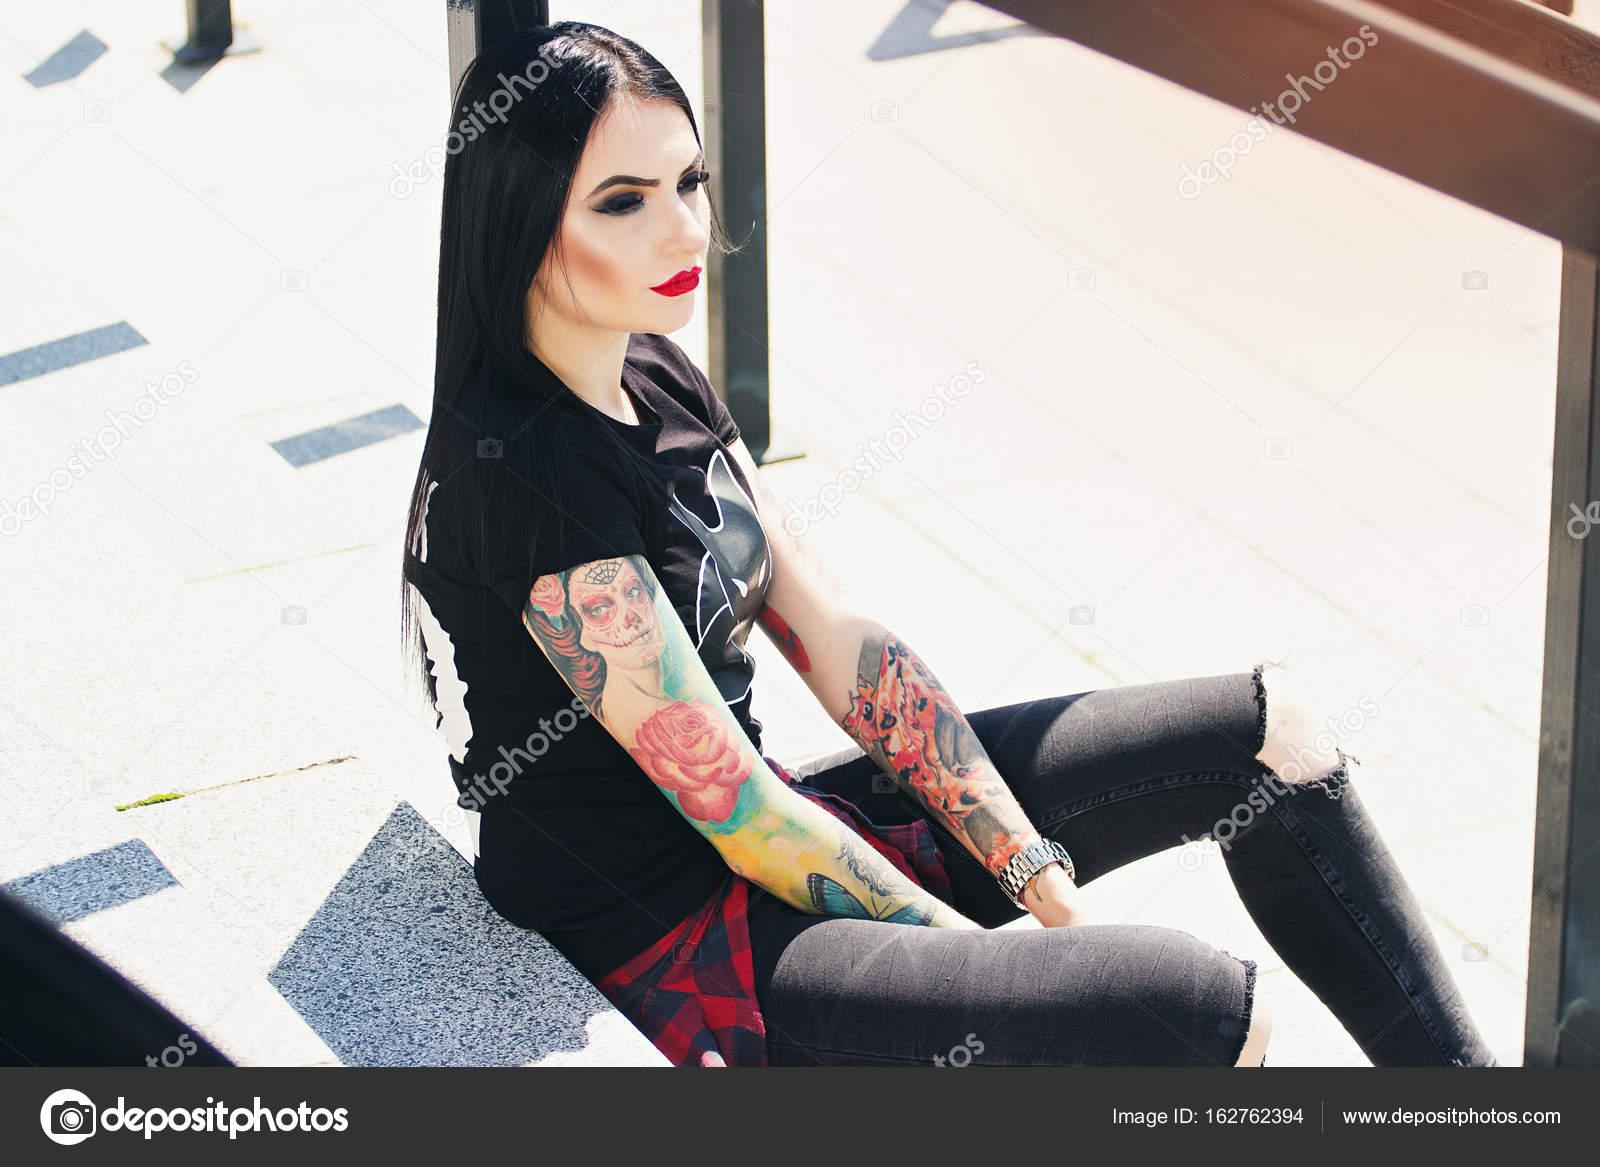 mode de tatouage portrait de jeune fille la mode hipster tatou avec des l vres rouges assis. Black Bedroom Furniture Sets. Home Design Ideas